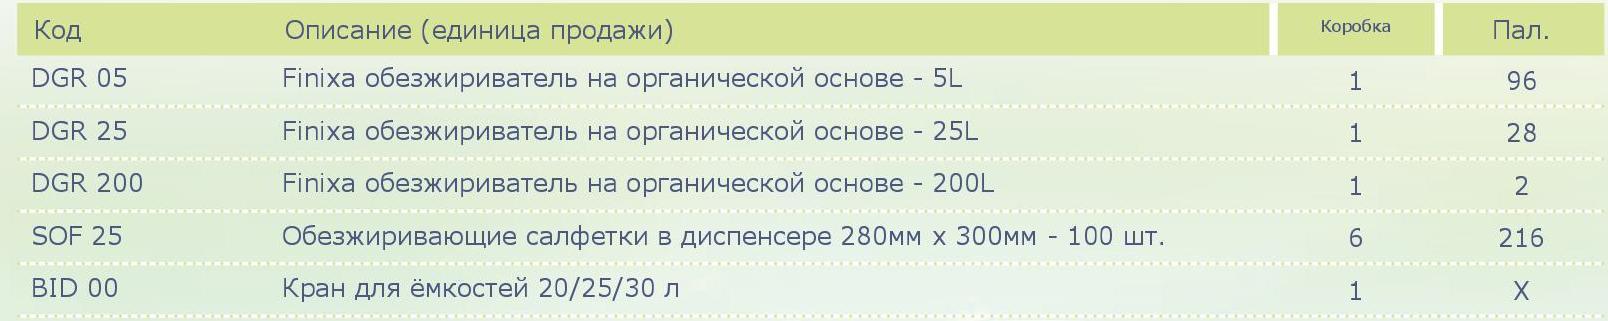 dgr-05-25-sku